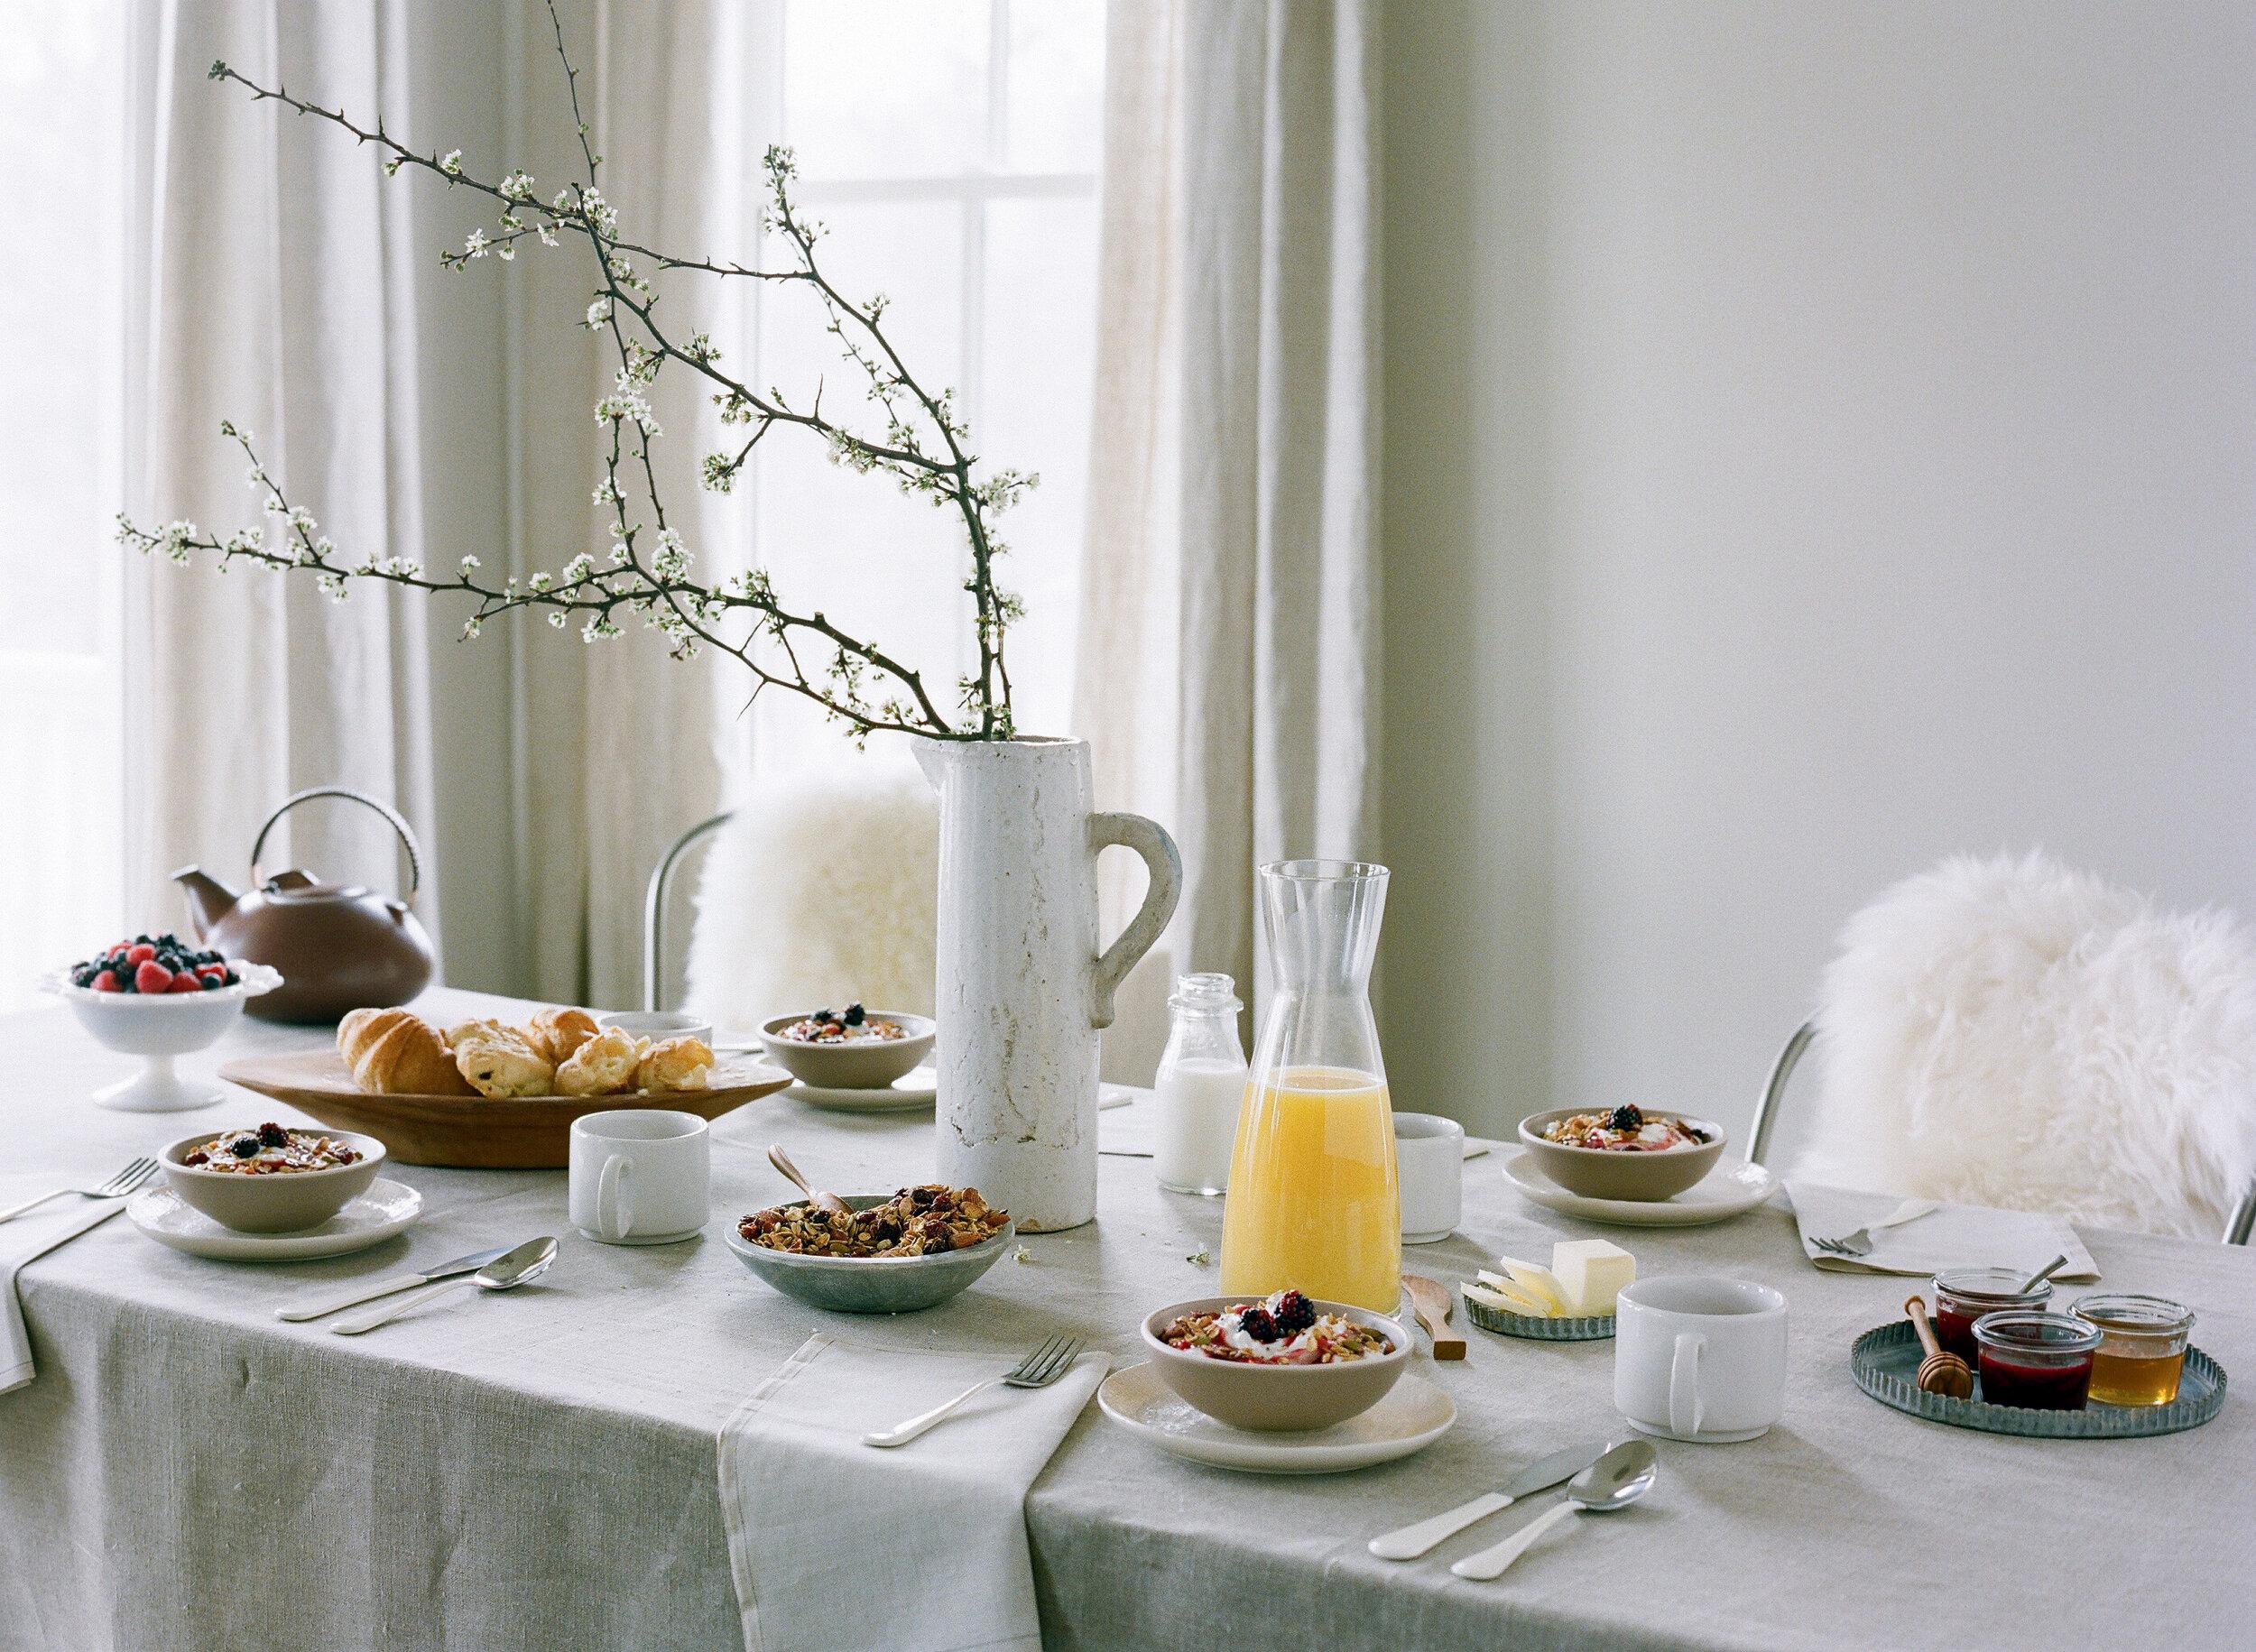 kinfolk - Breakfast story